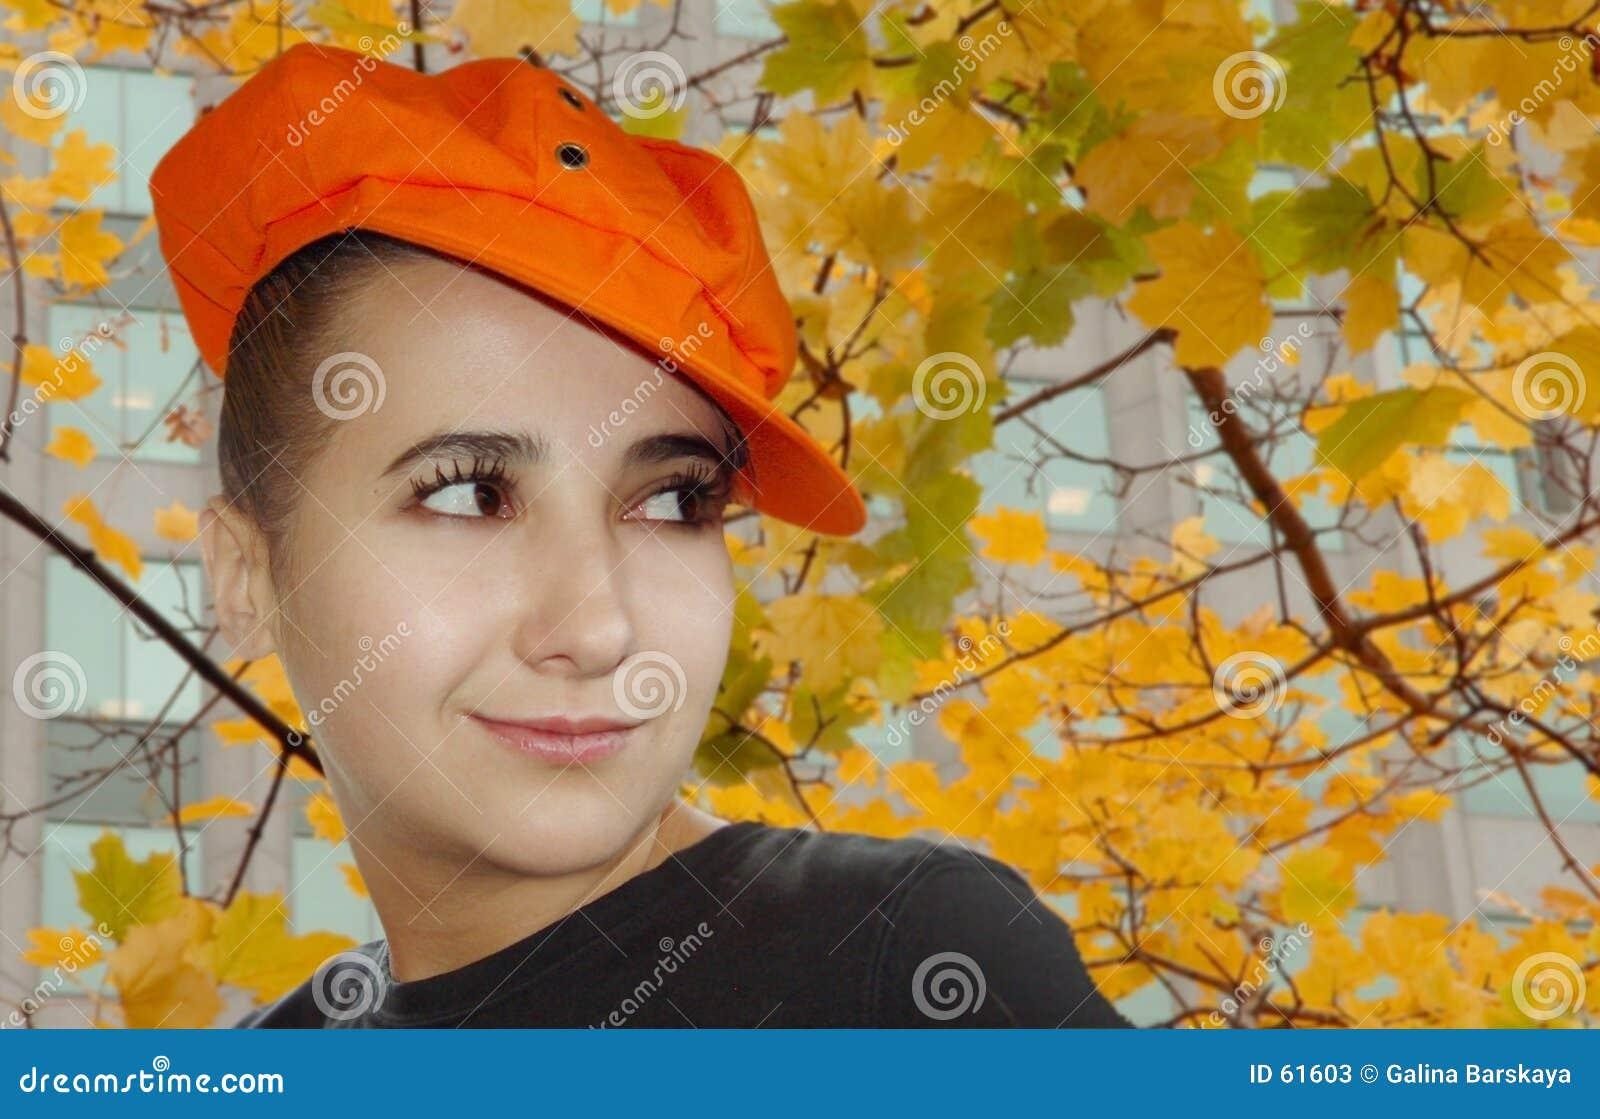 Download Verticale d'automne image stock. Image du lames, attrayant - 61603